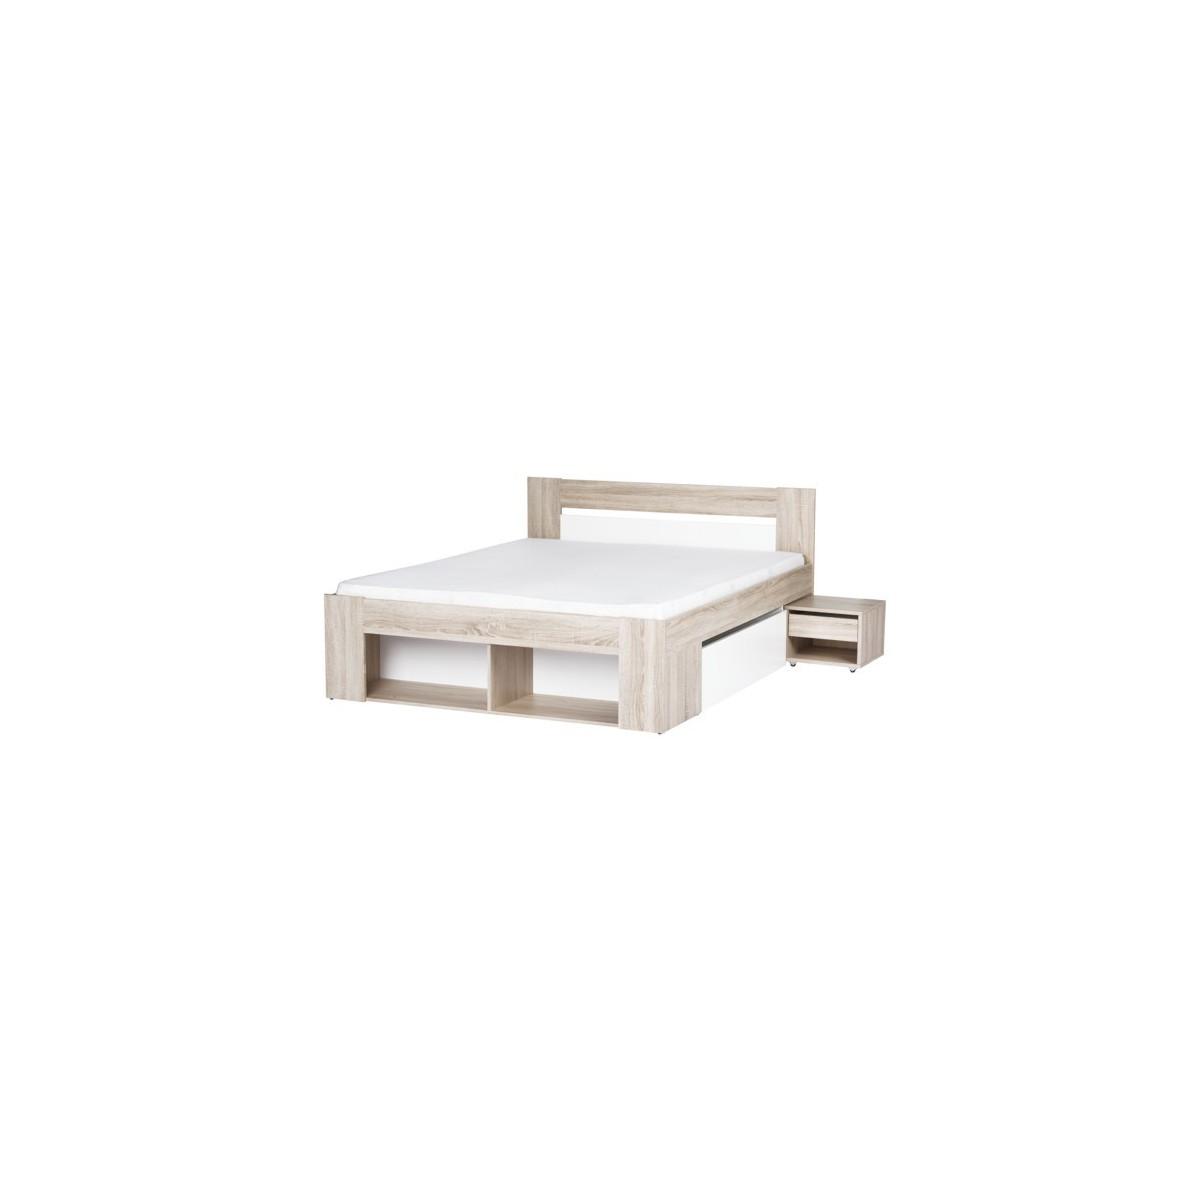 Łóżko 140 cm + 2 szafki nocne Milo 08 Szynaka Meble